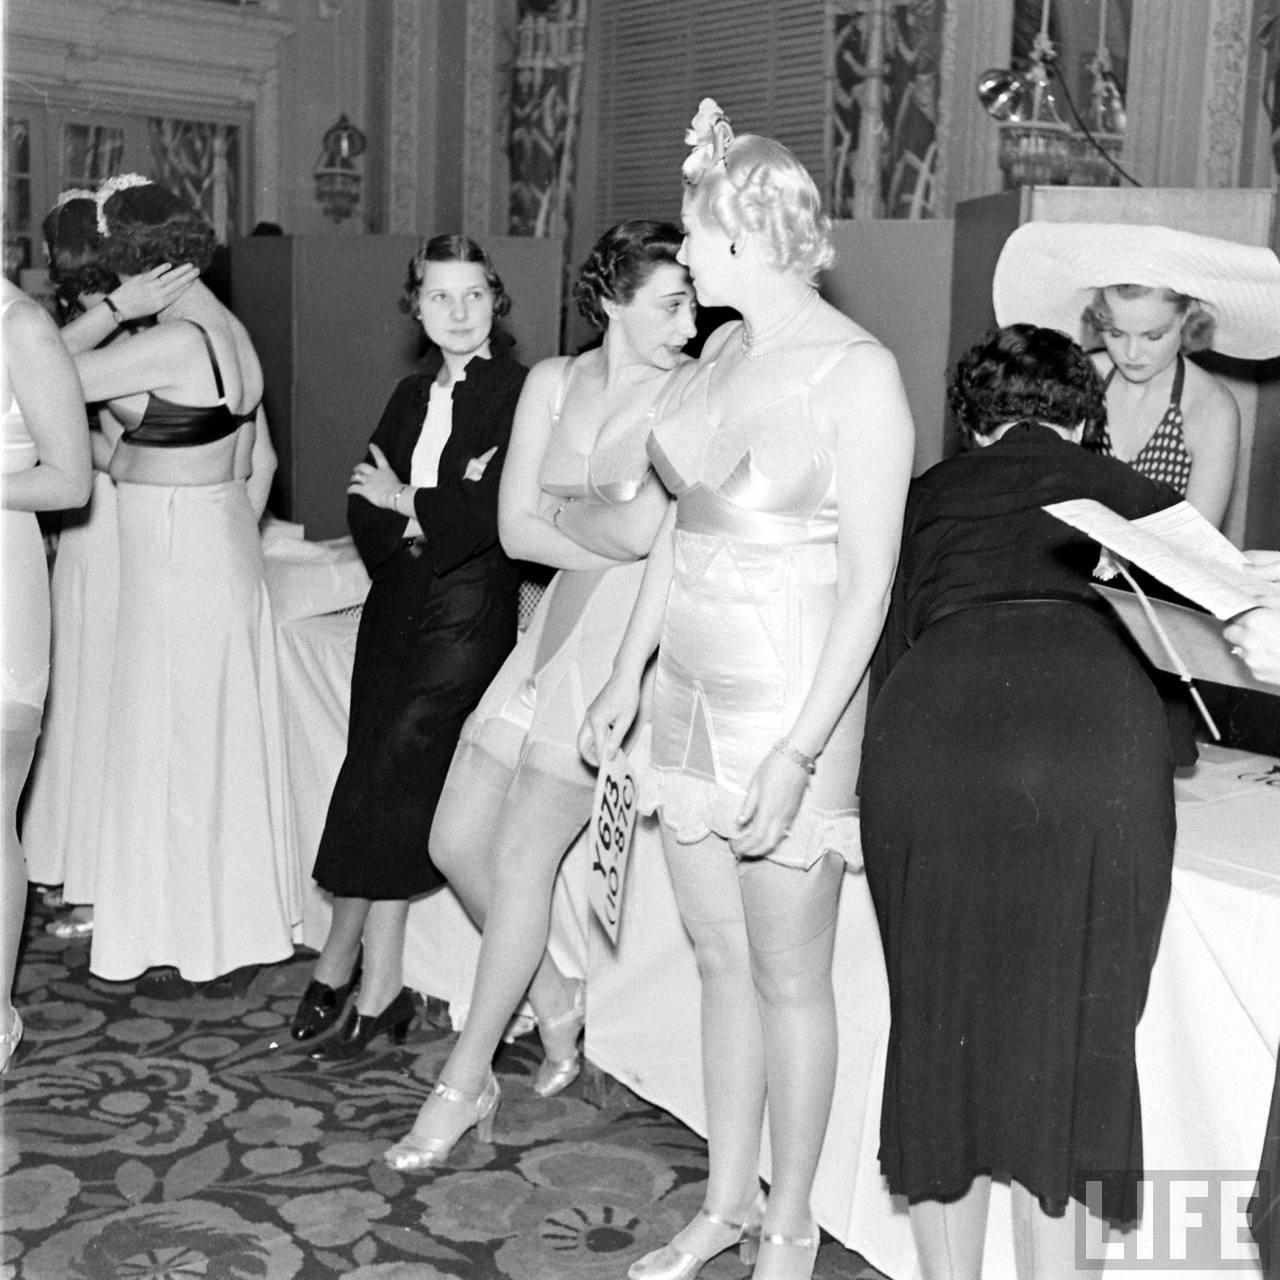 Показ нижнего белья и корсетов 1940 года